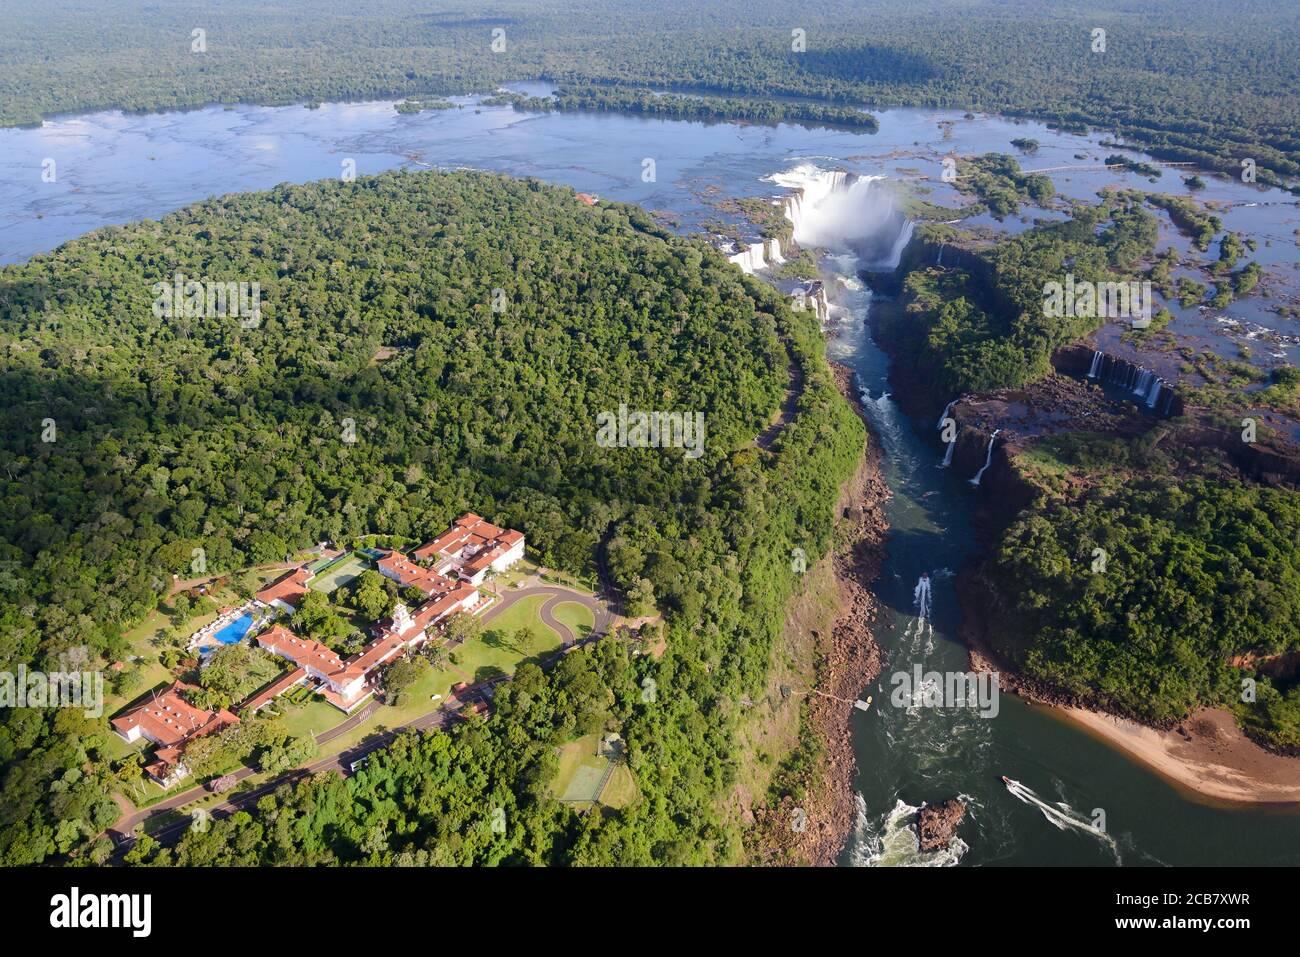 Belmond Hotel das Cataratas et chutes d'Iguazu dans le parc national d'Iguassu, Brésil. Vue aérienne de la forêt tropicale et de la cascade au Brésil et en Argentine. Banque D'Images